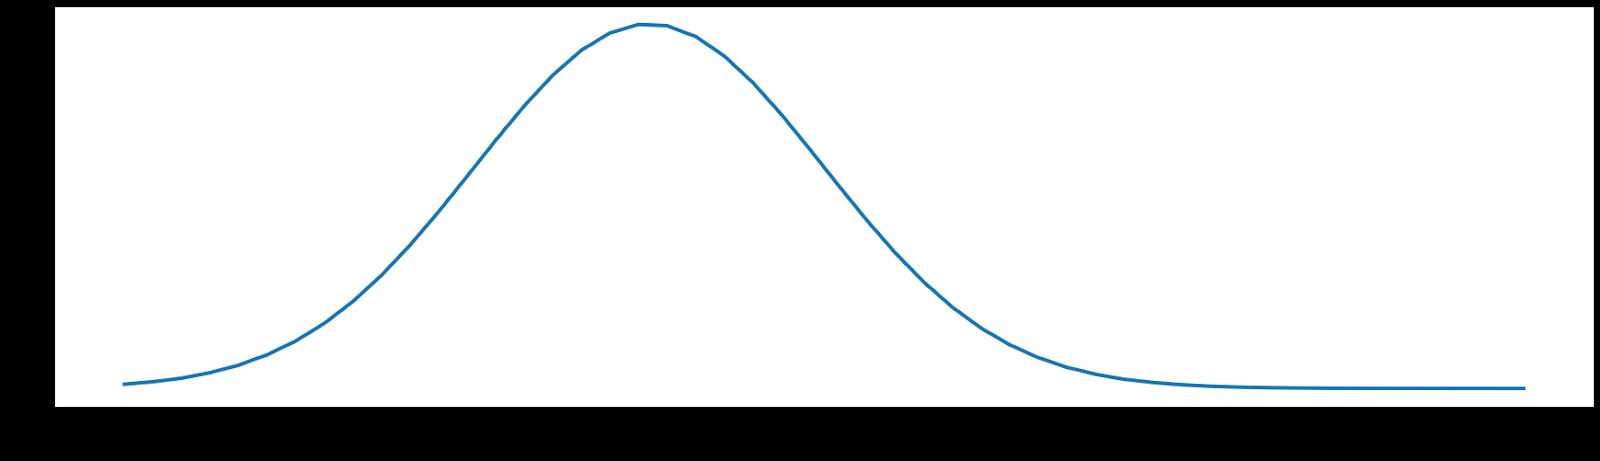 Spaghetti Code in Python - Project diagram